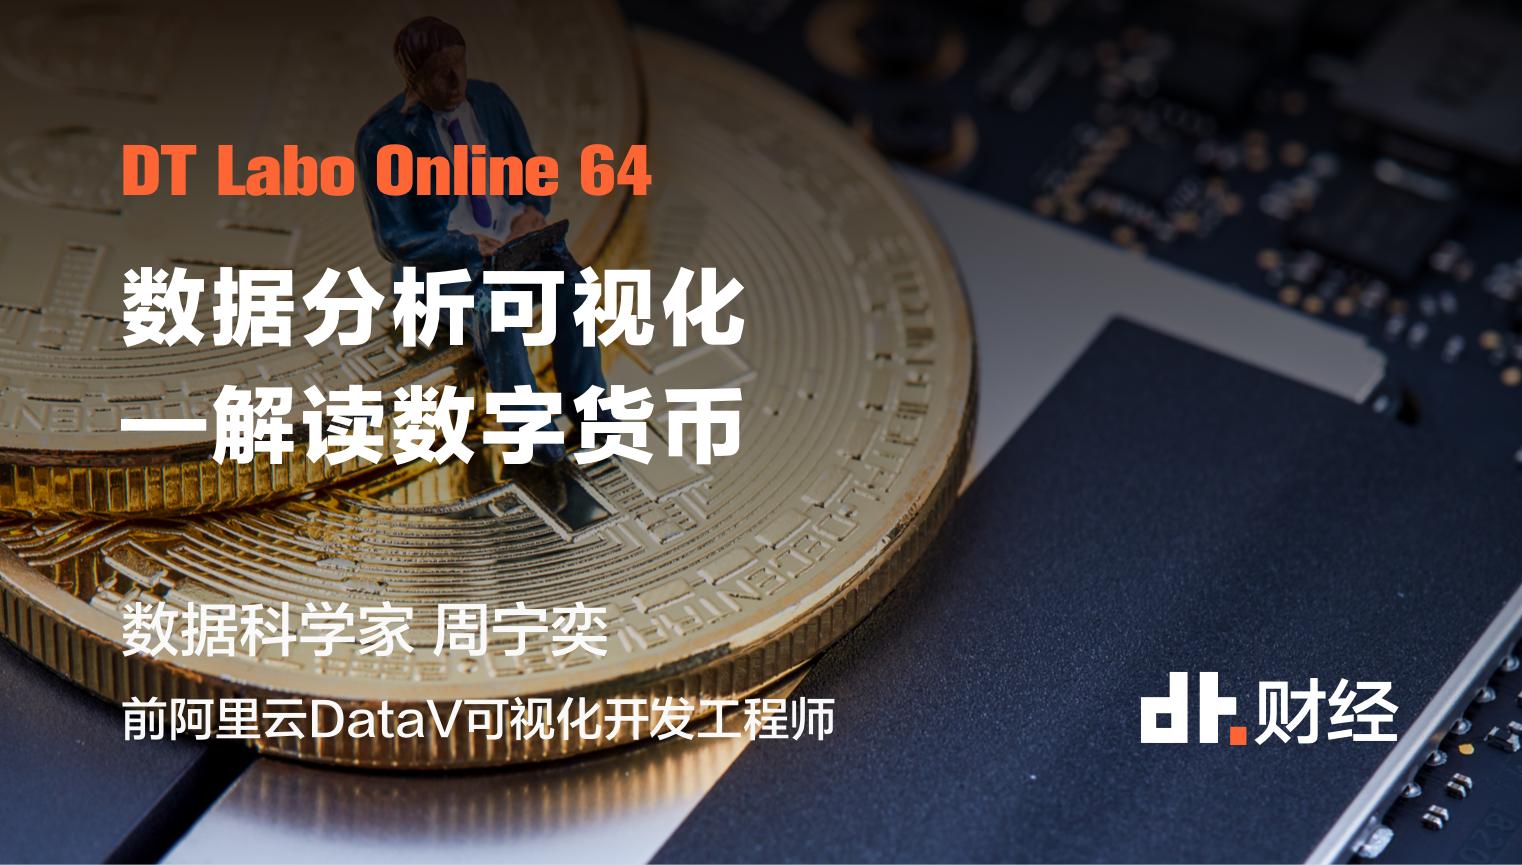 数据分析可视化——解读数字货币| DT Labo Online 64